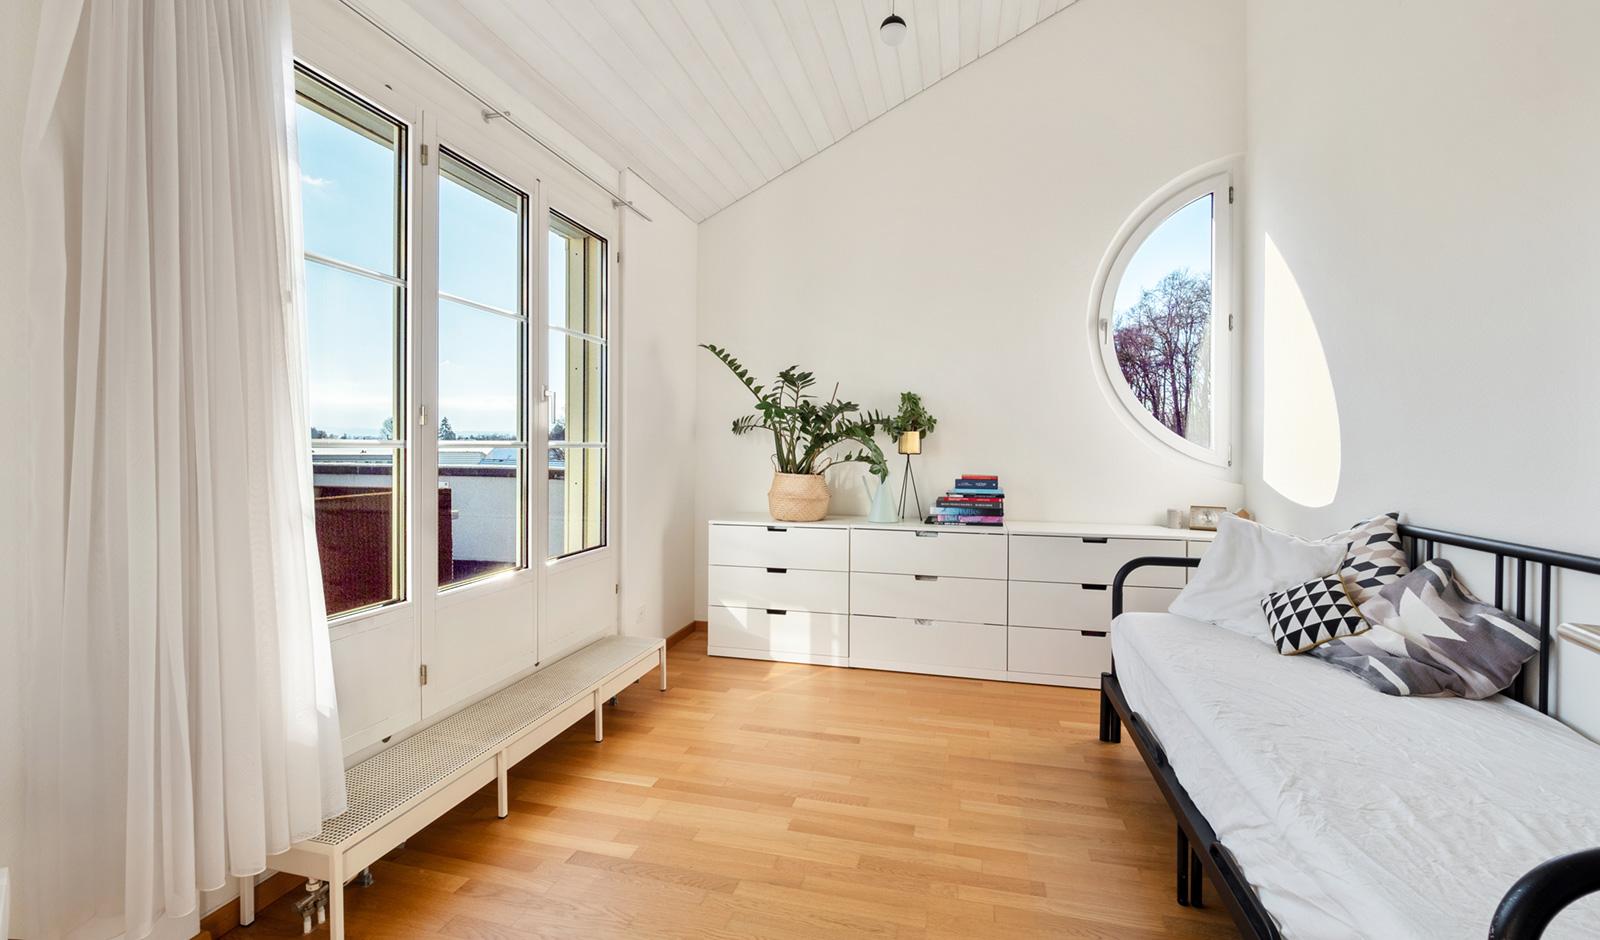 Maisonettewohnung mit herrlicher Dachterrasse